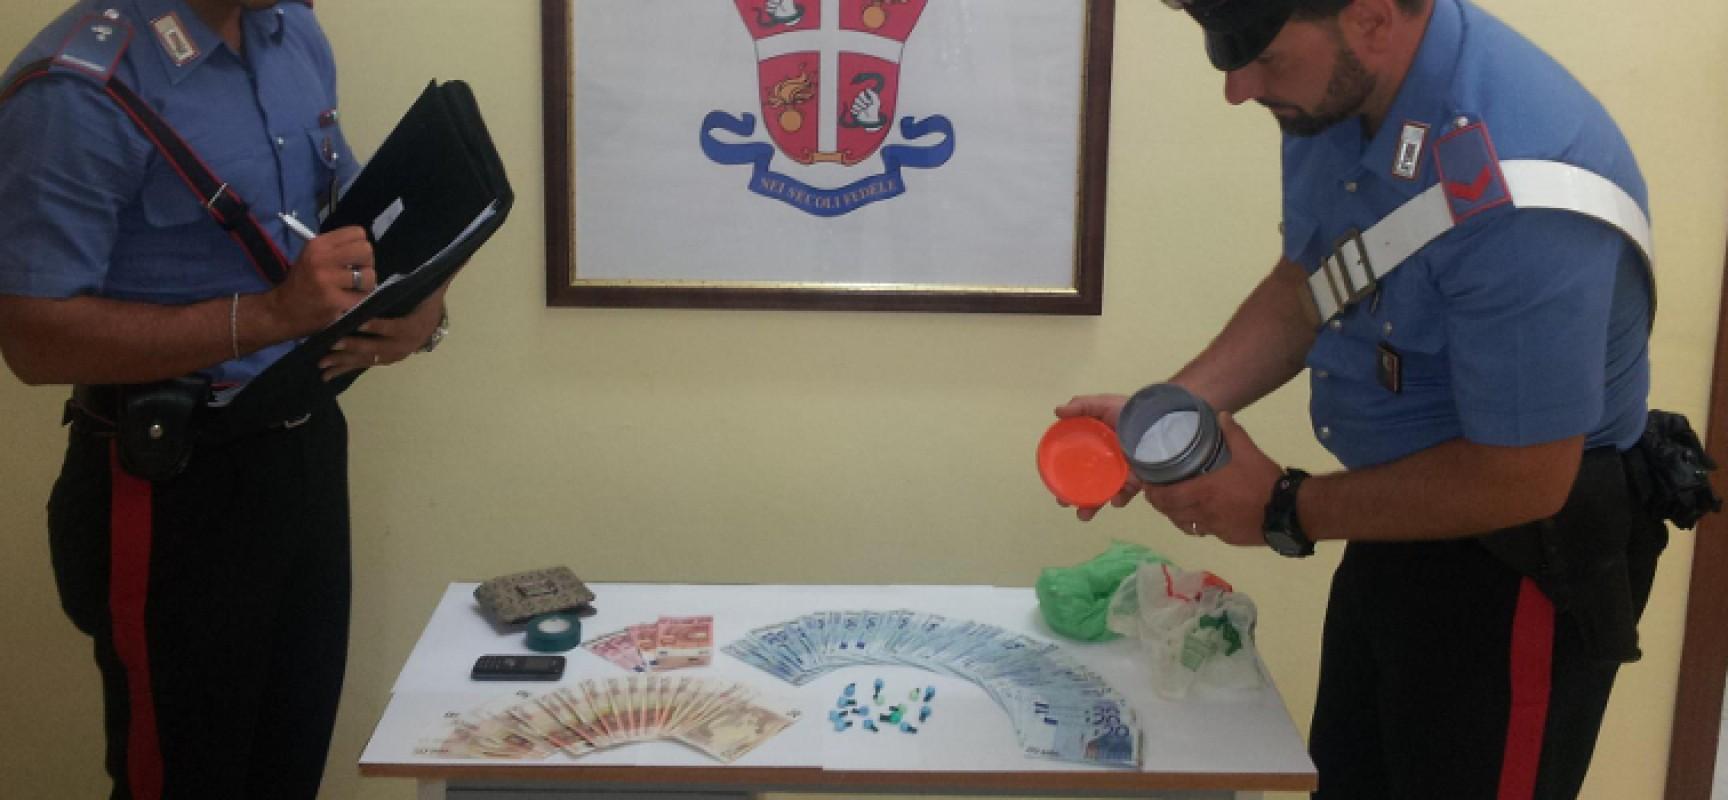 Carabinieri arrestano 38enne biscegliese nella sua abitazione per detenzione e spaccio di stupefacenti